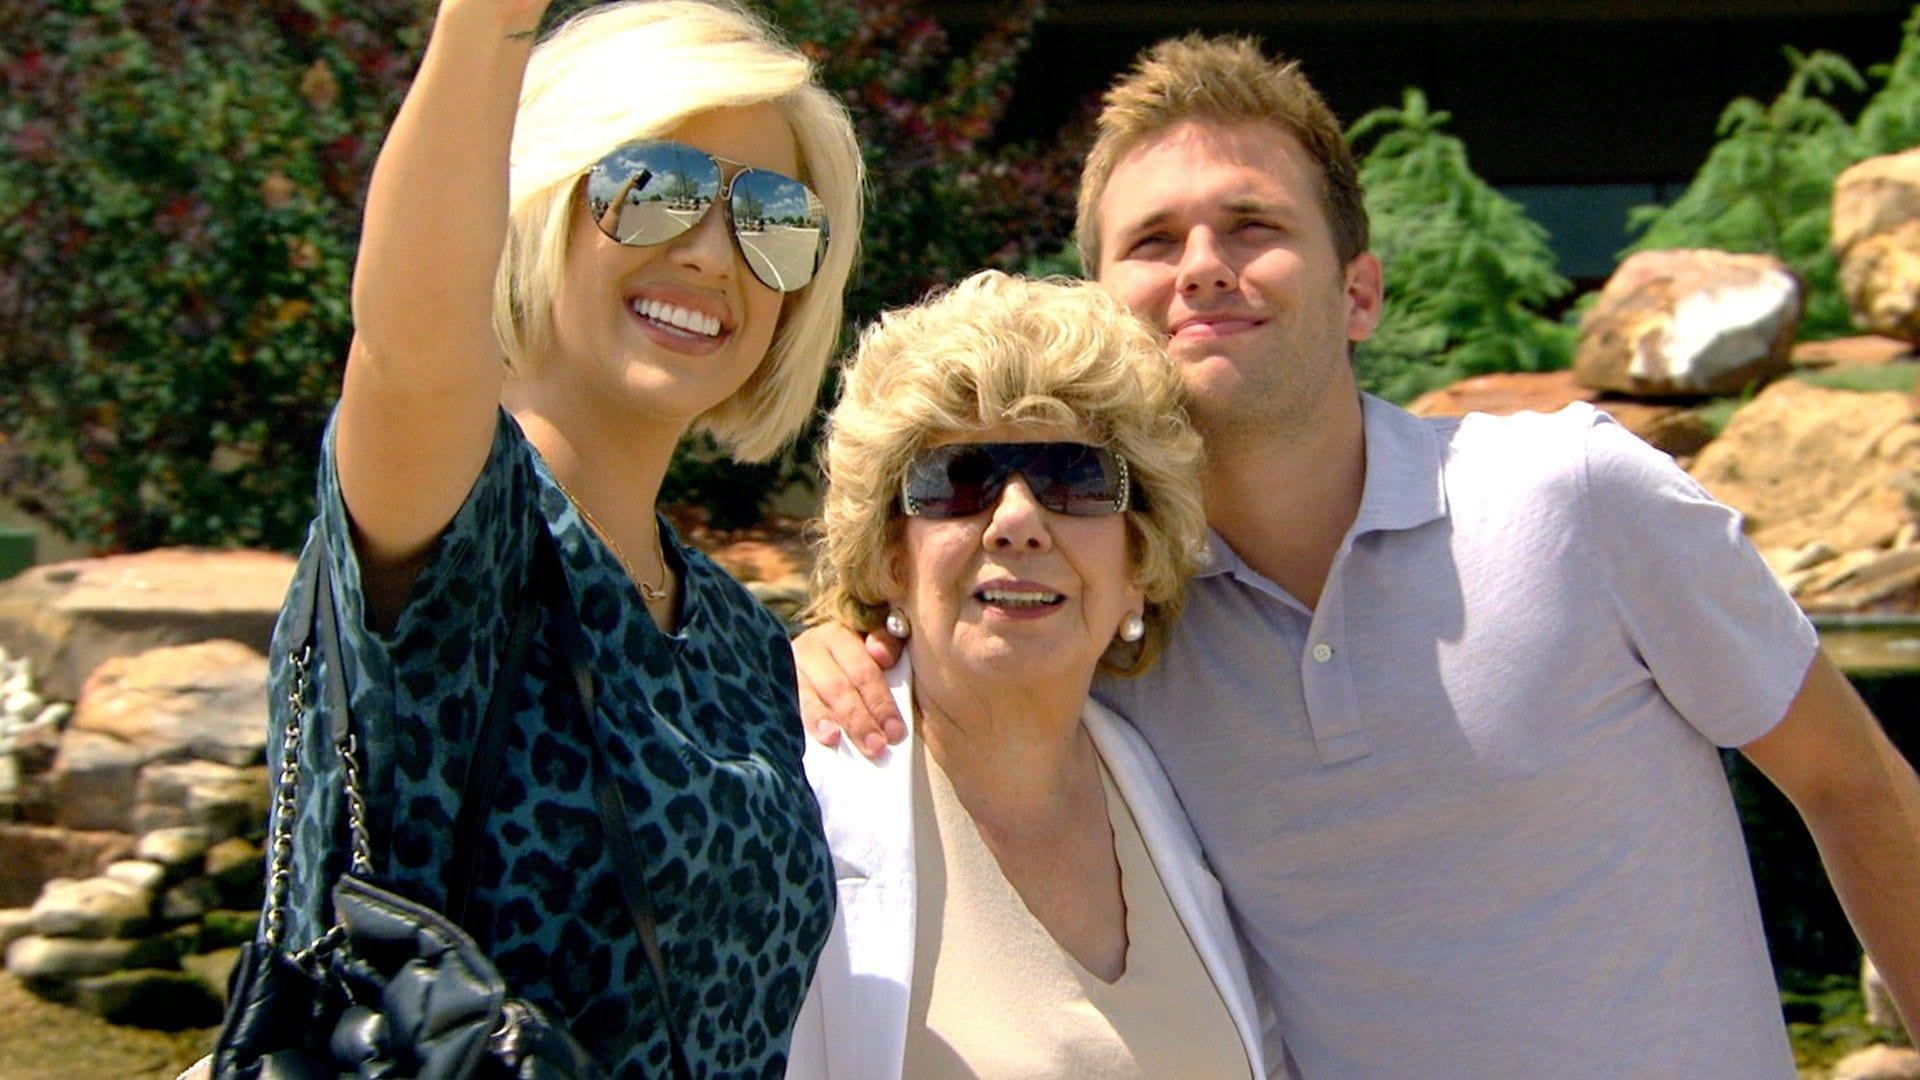 A Strange Trip with Nanny Faye